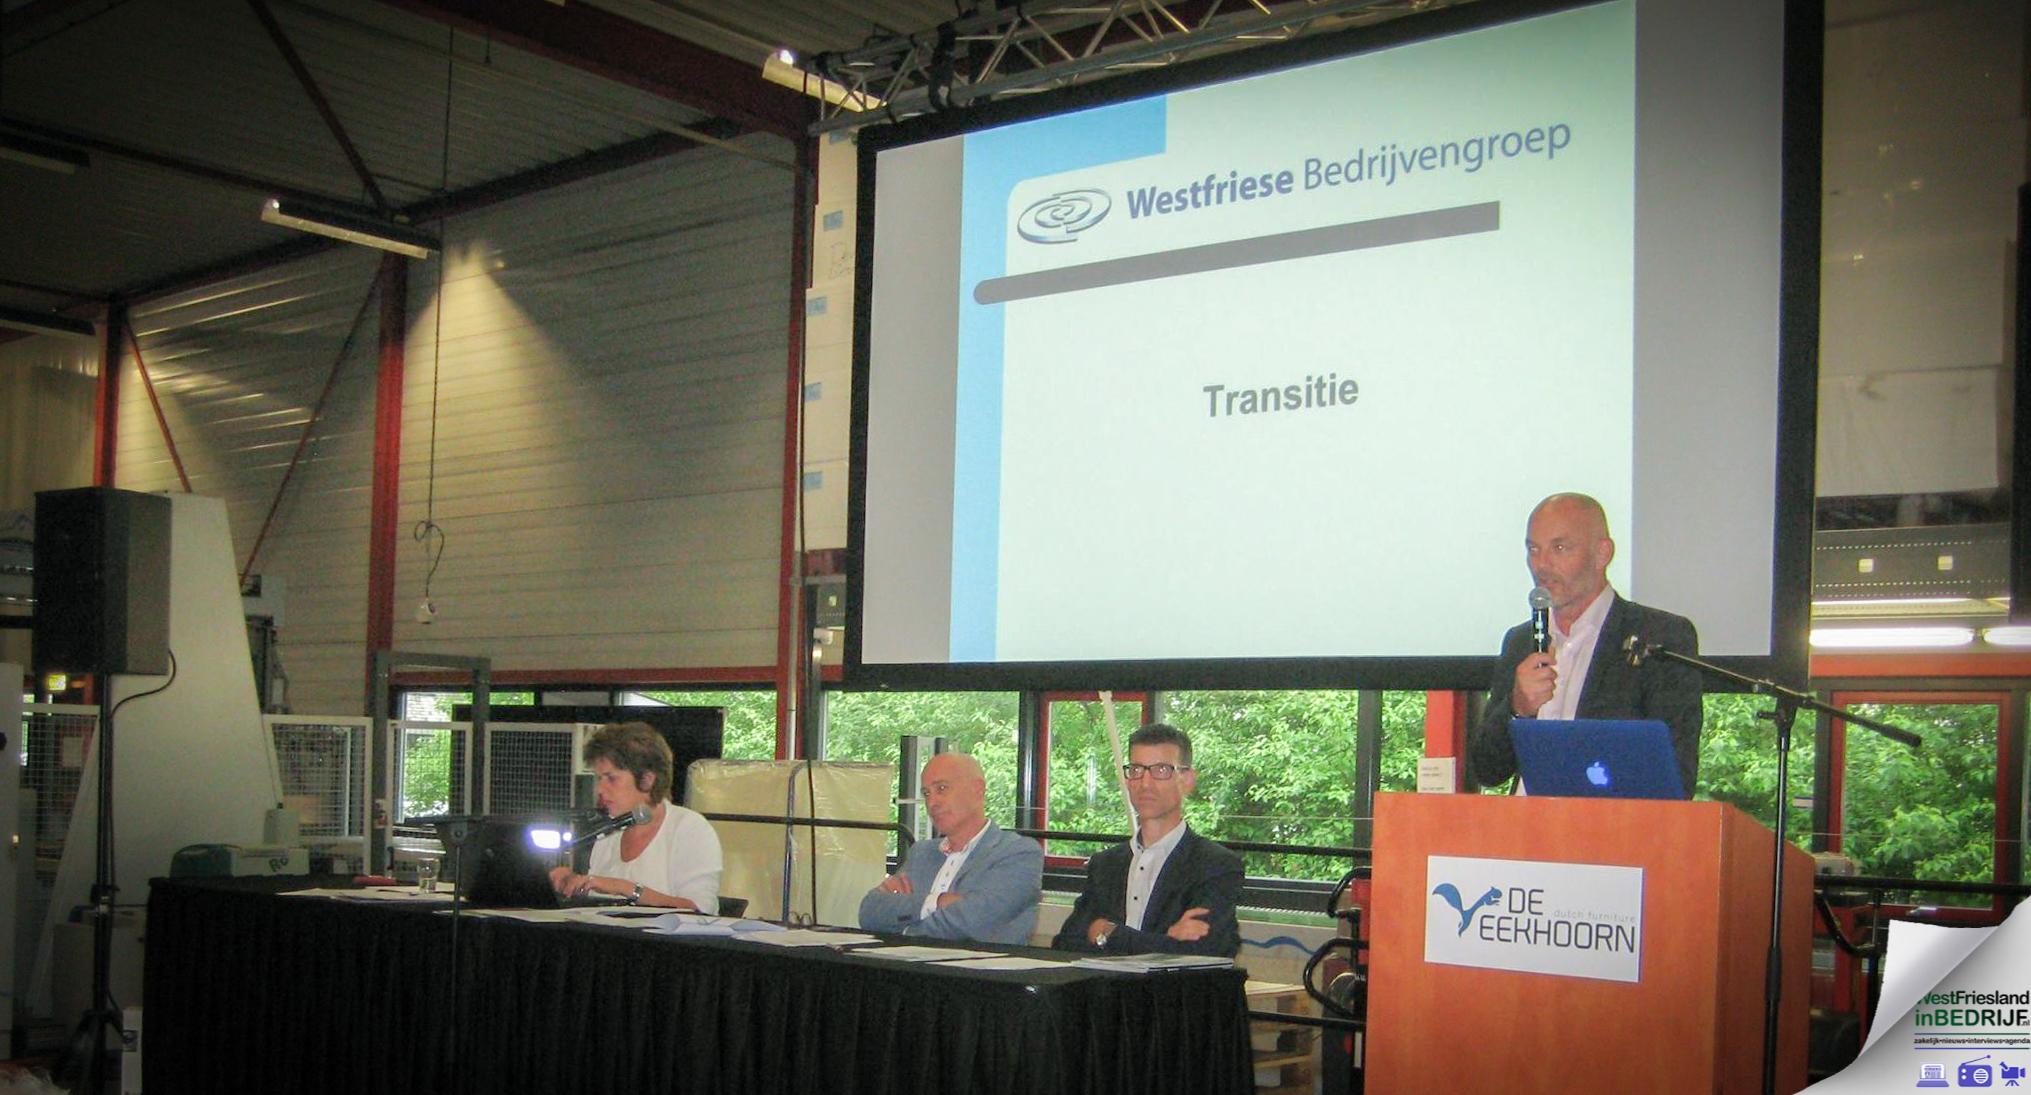 Vertrouwen leden WBG in nieuwe aanpak; Flirt met OCW